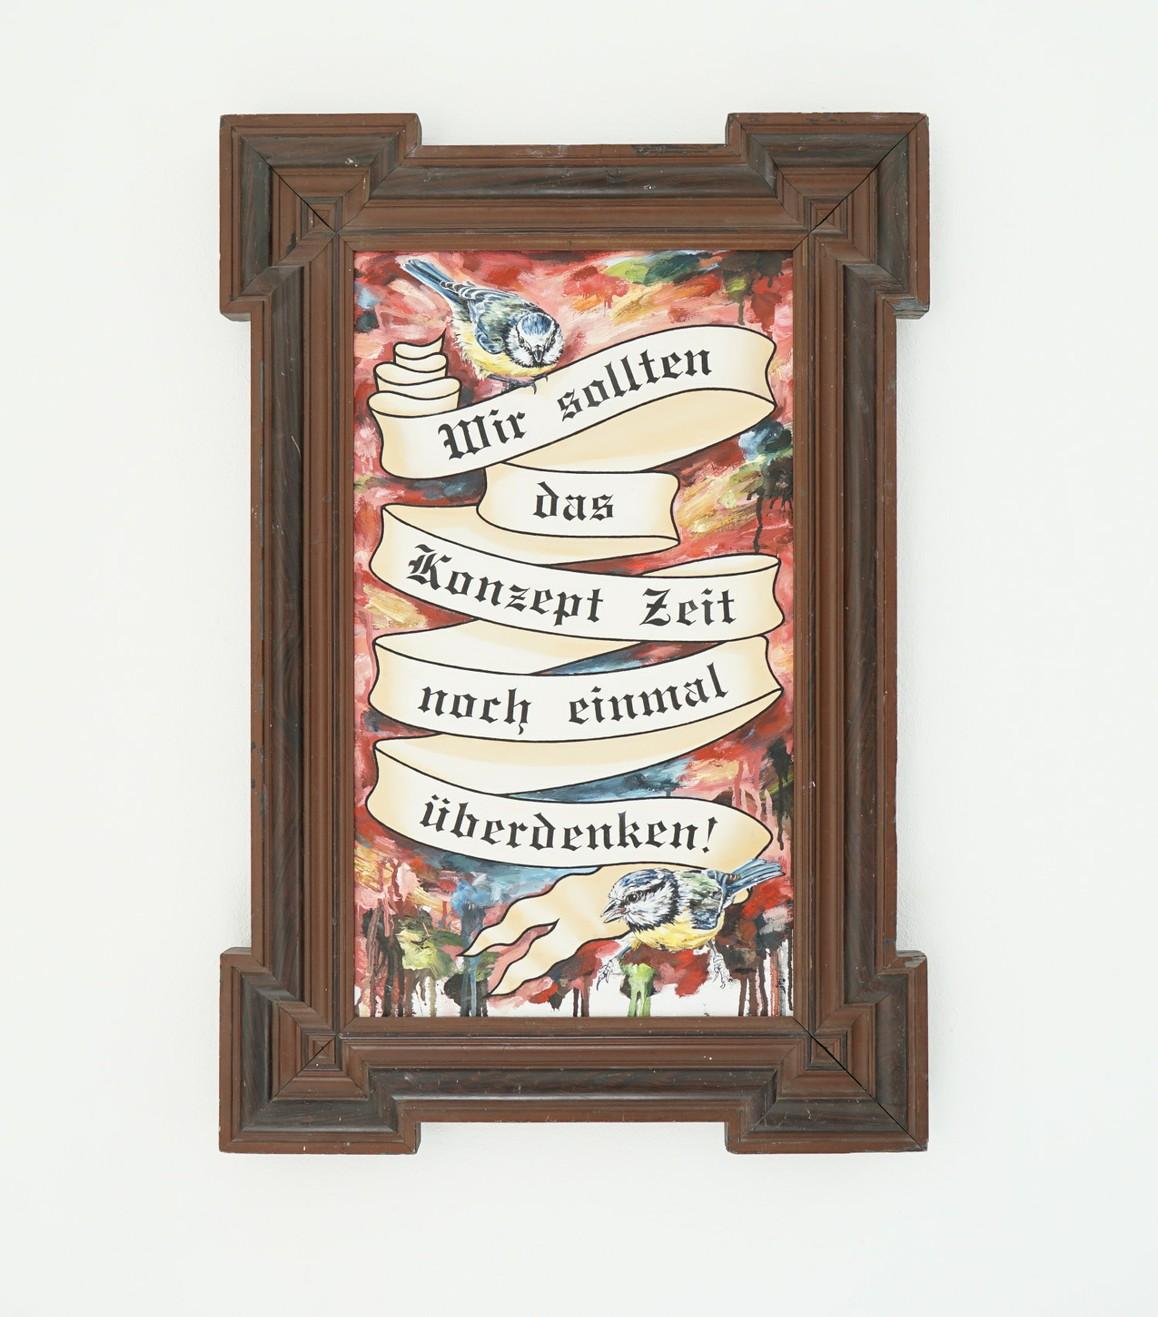 »Wir sollten das Konzept Zeit noch einmal überdenken!« 2019, Öl auf Leinwand, Gründerzeit Rahmen, 82 x 56 cm